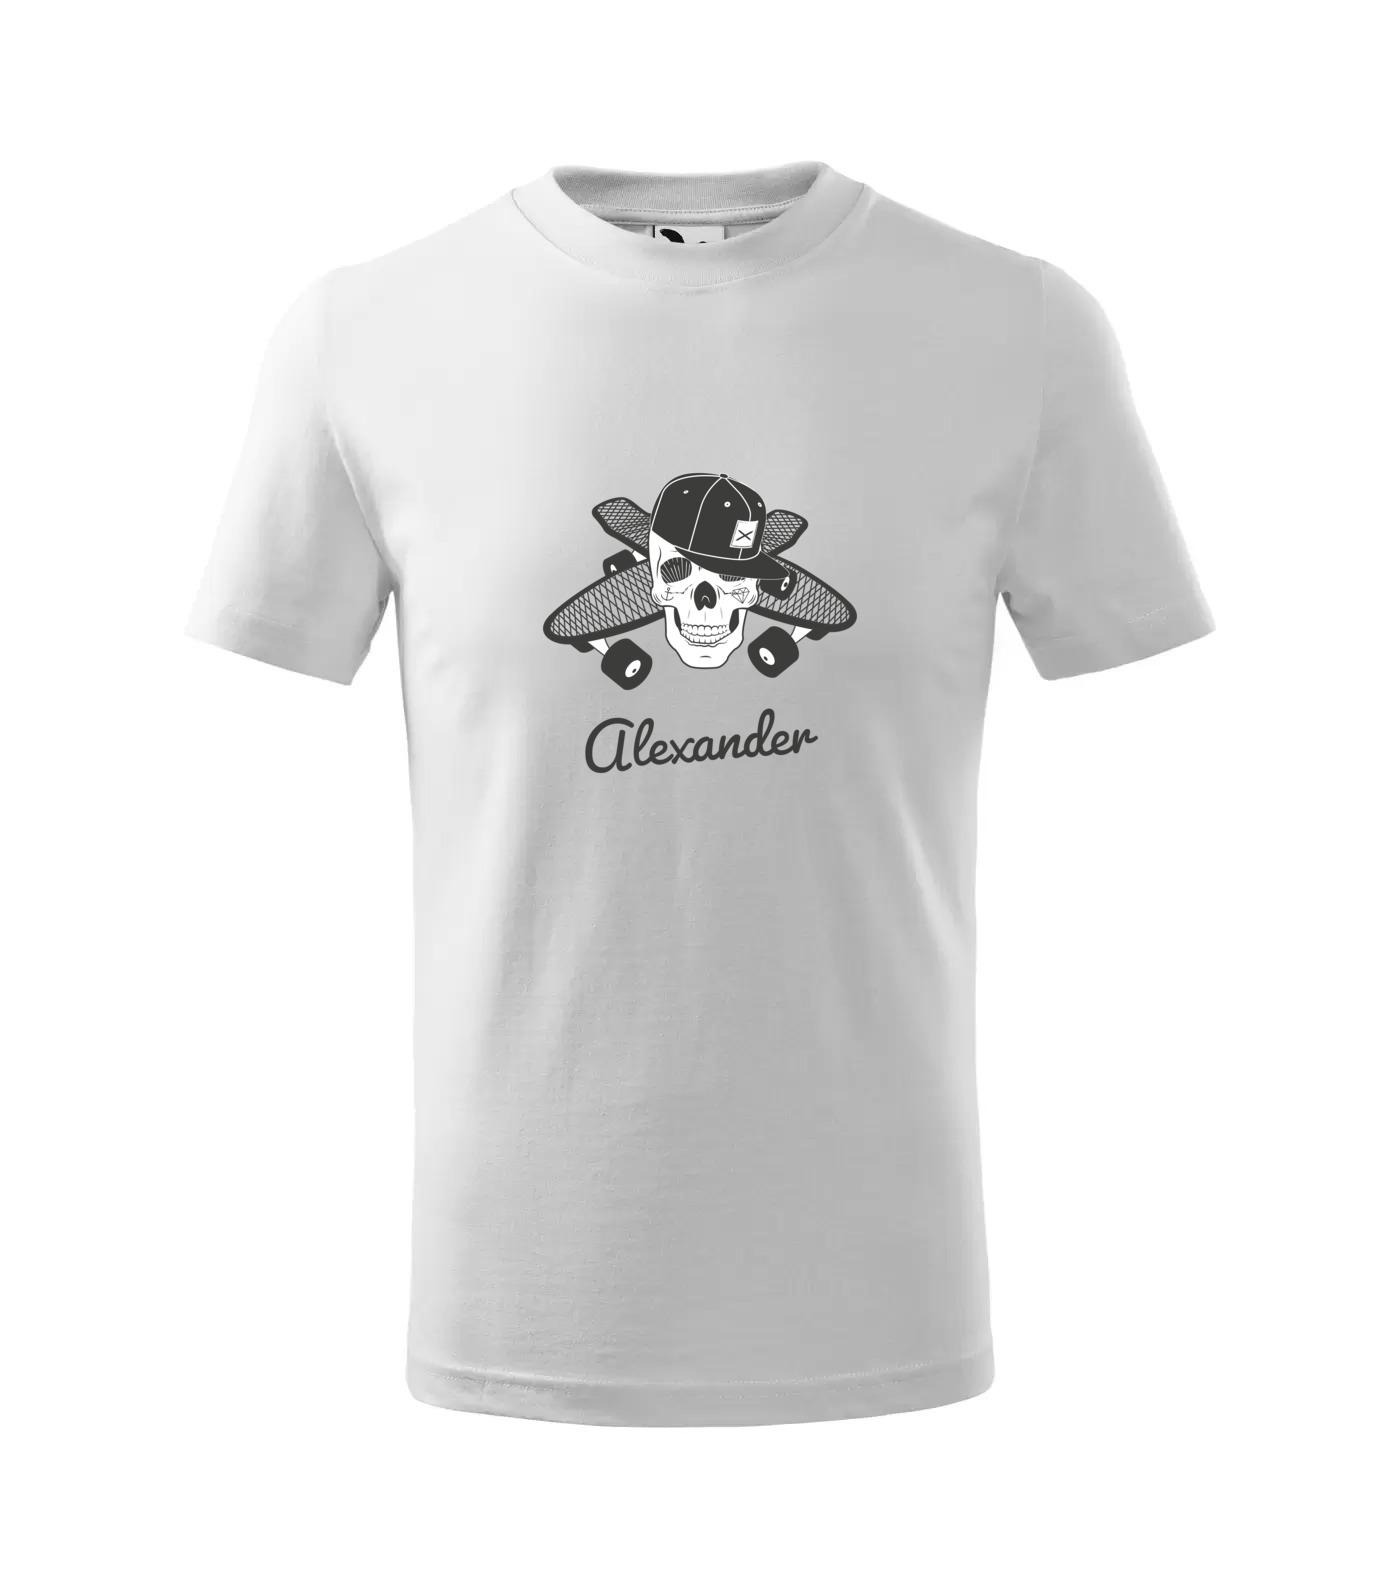 Tričko Skejťák Alexander